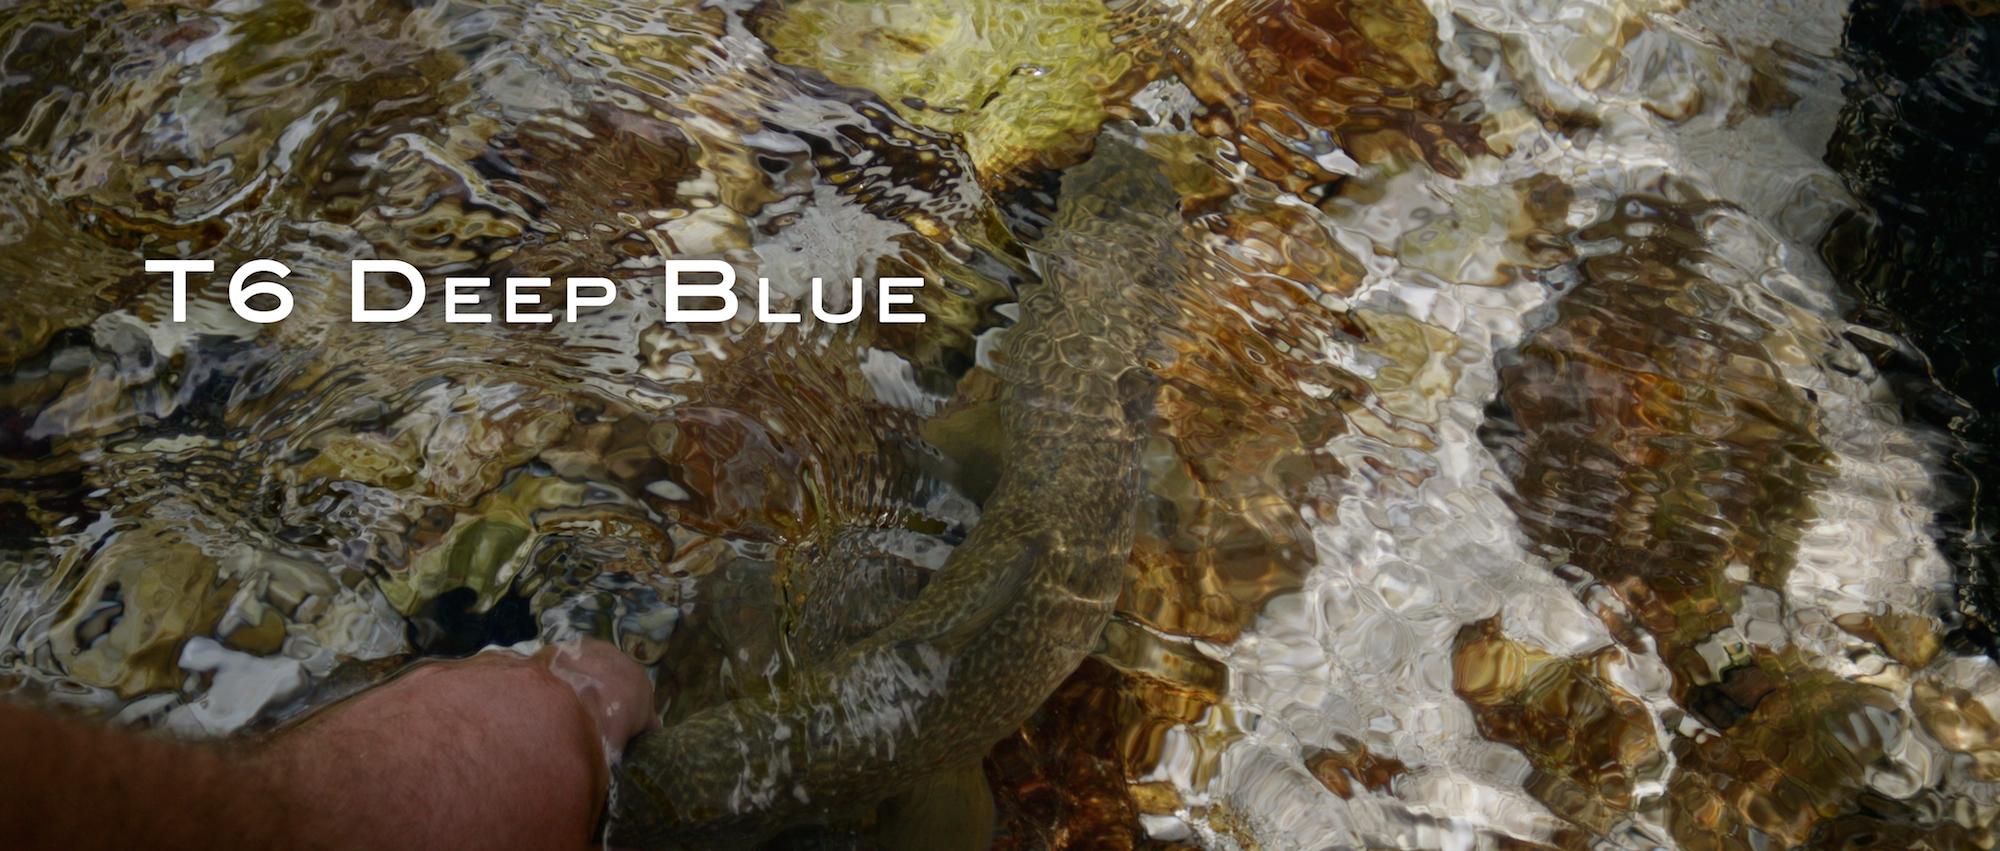 t6 deep blue